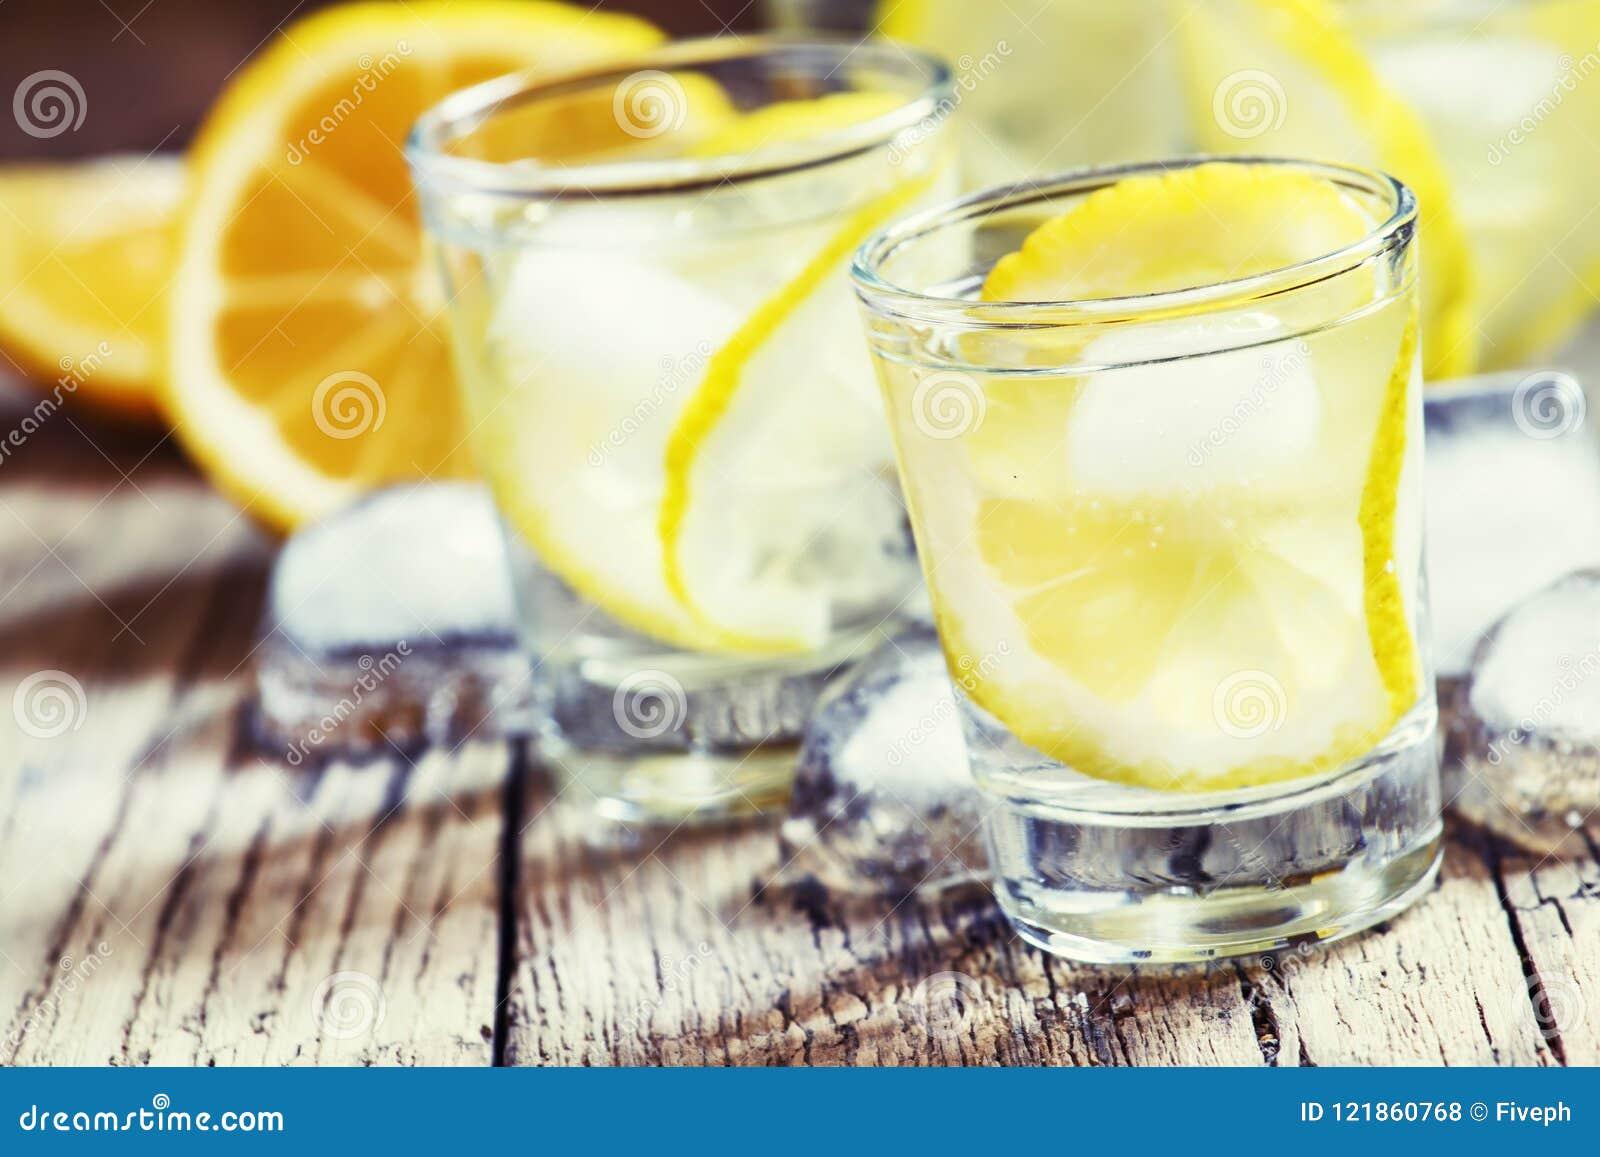 Kalter russischer Wodka mit Zitrone und Eis im Schnapsglas, Weinlese flehen an